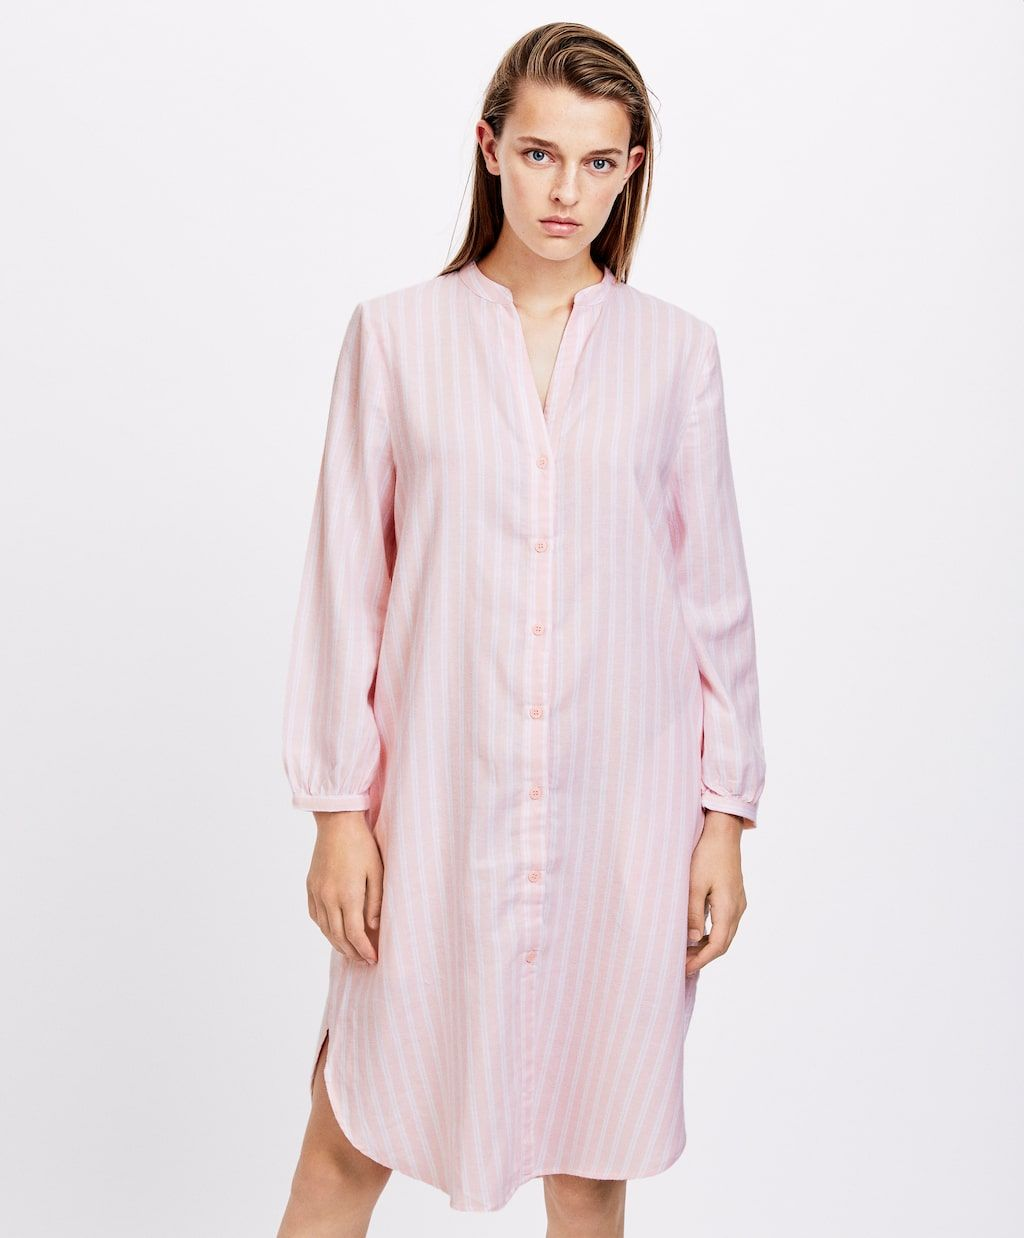 in vendita all'ingrosso guarda bene le scarpe in vendita belle scarpe Camicia da notte rosa a righe - Camicie da notte e tute - Pigiami ...